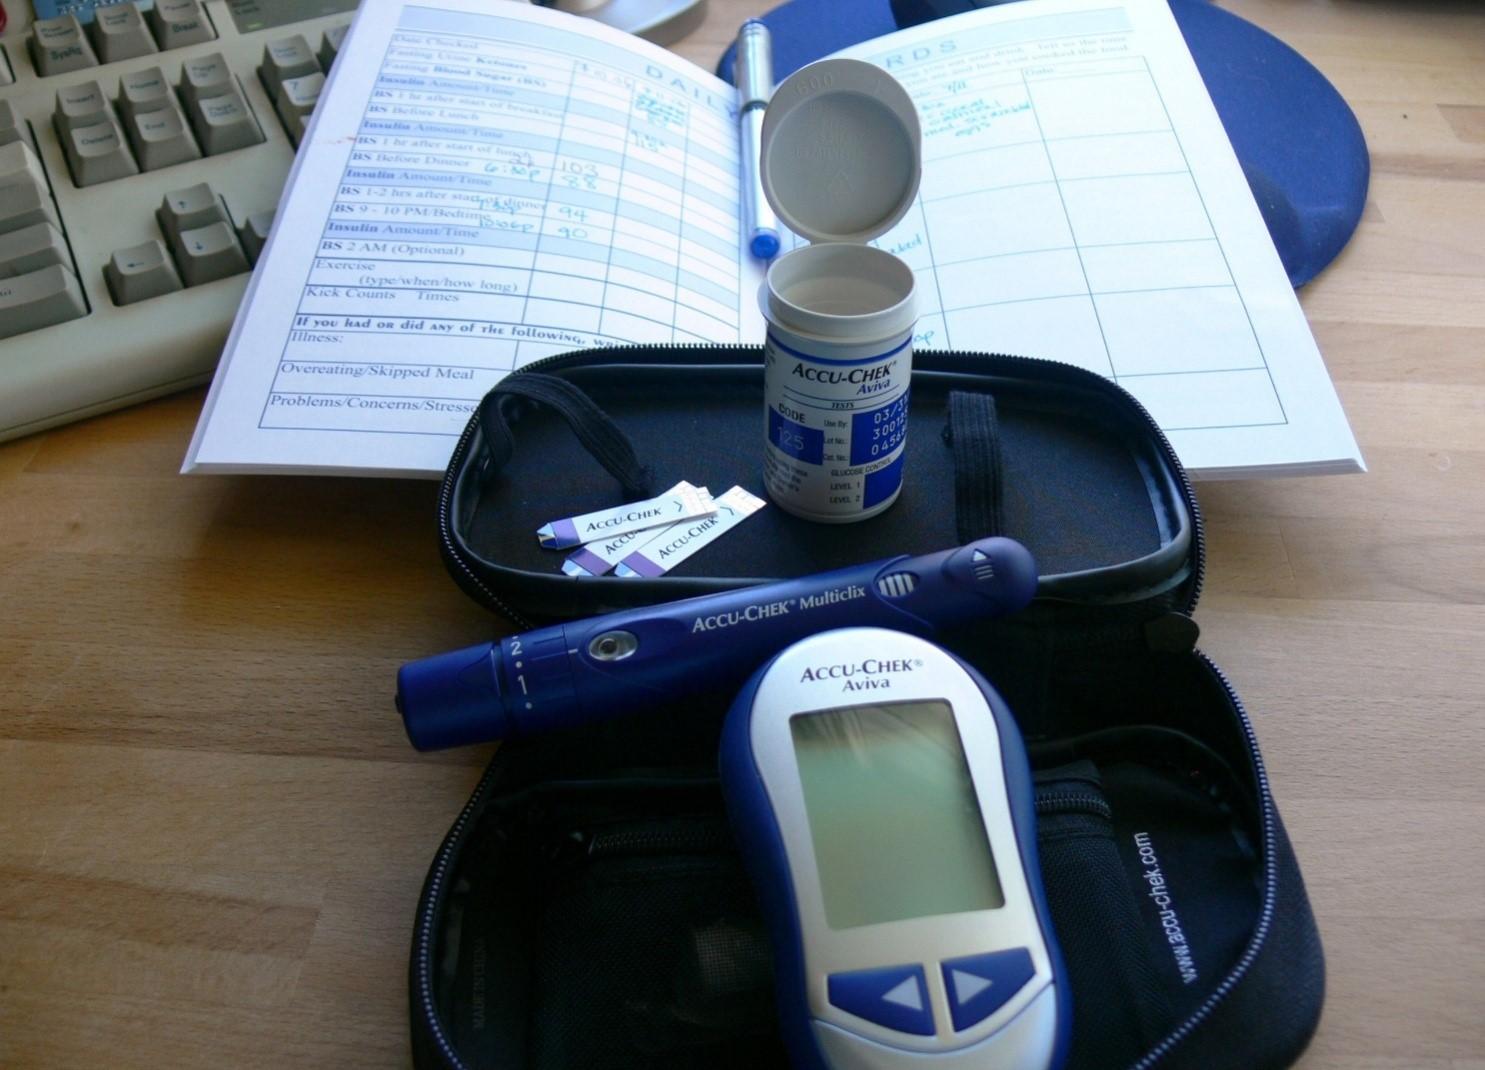 دیابت کنترل شده در زمان شیوع بیماری کرونا چگونه است؟